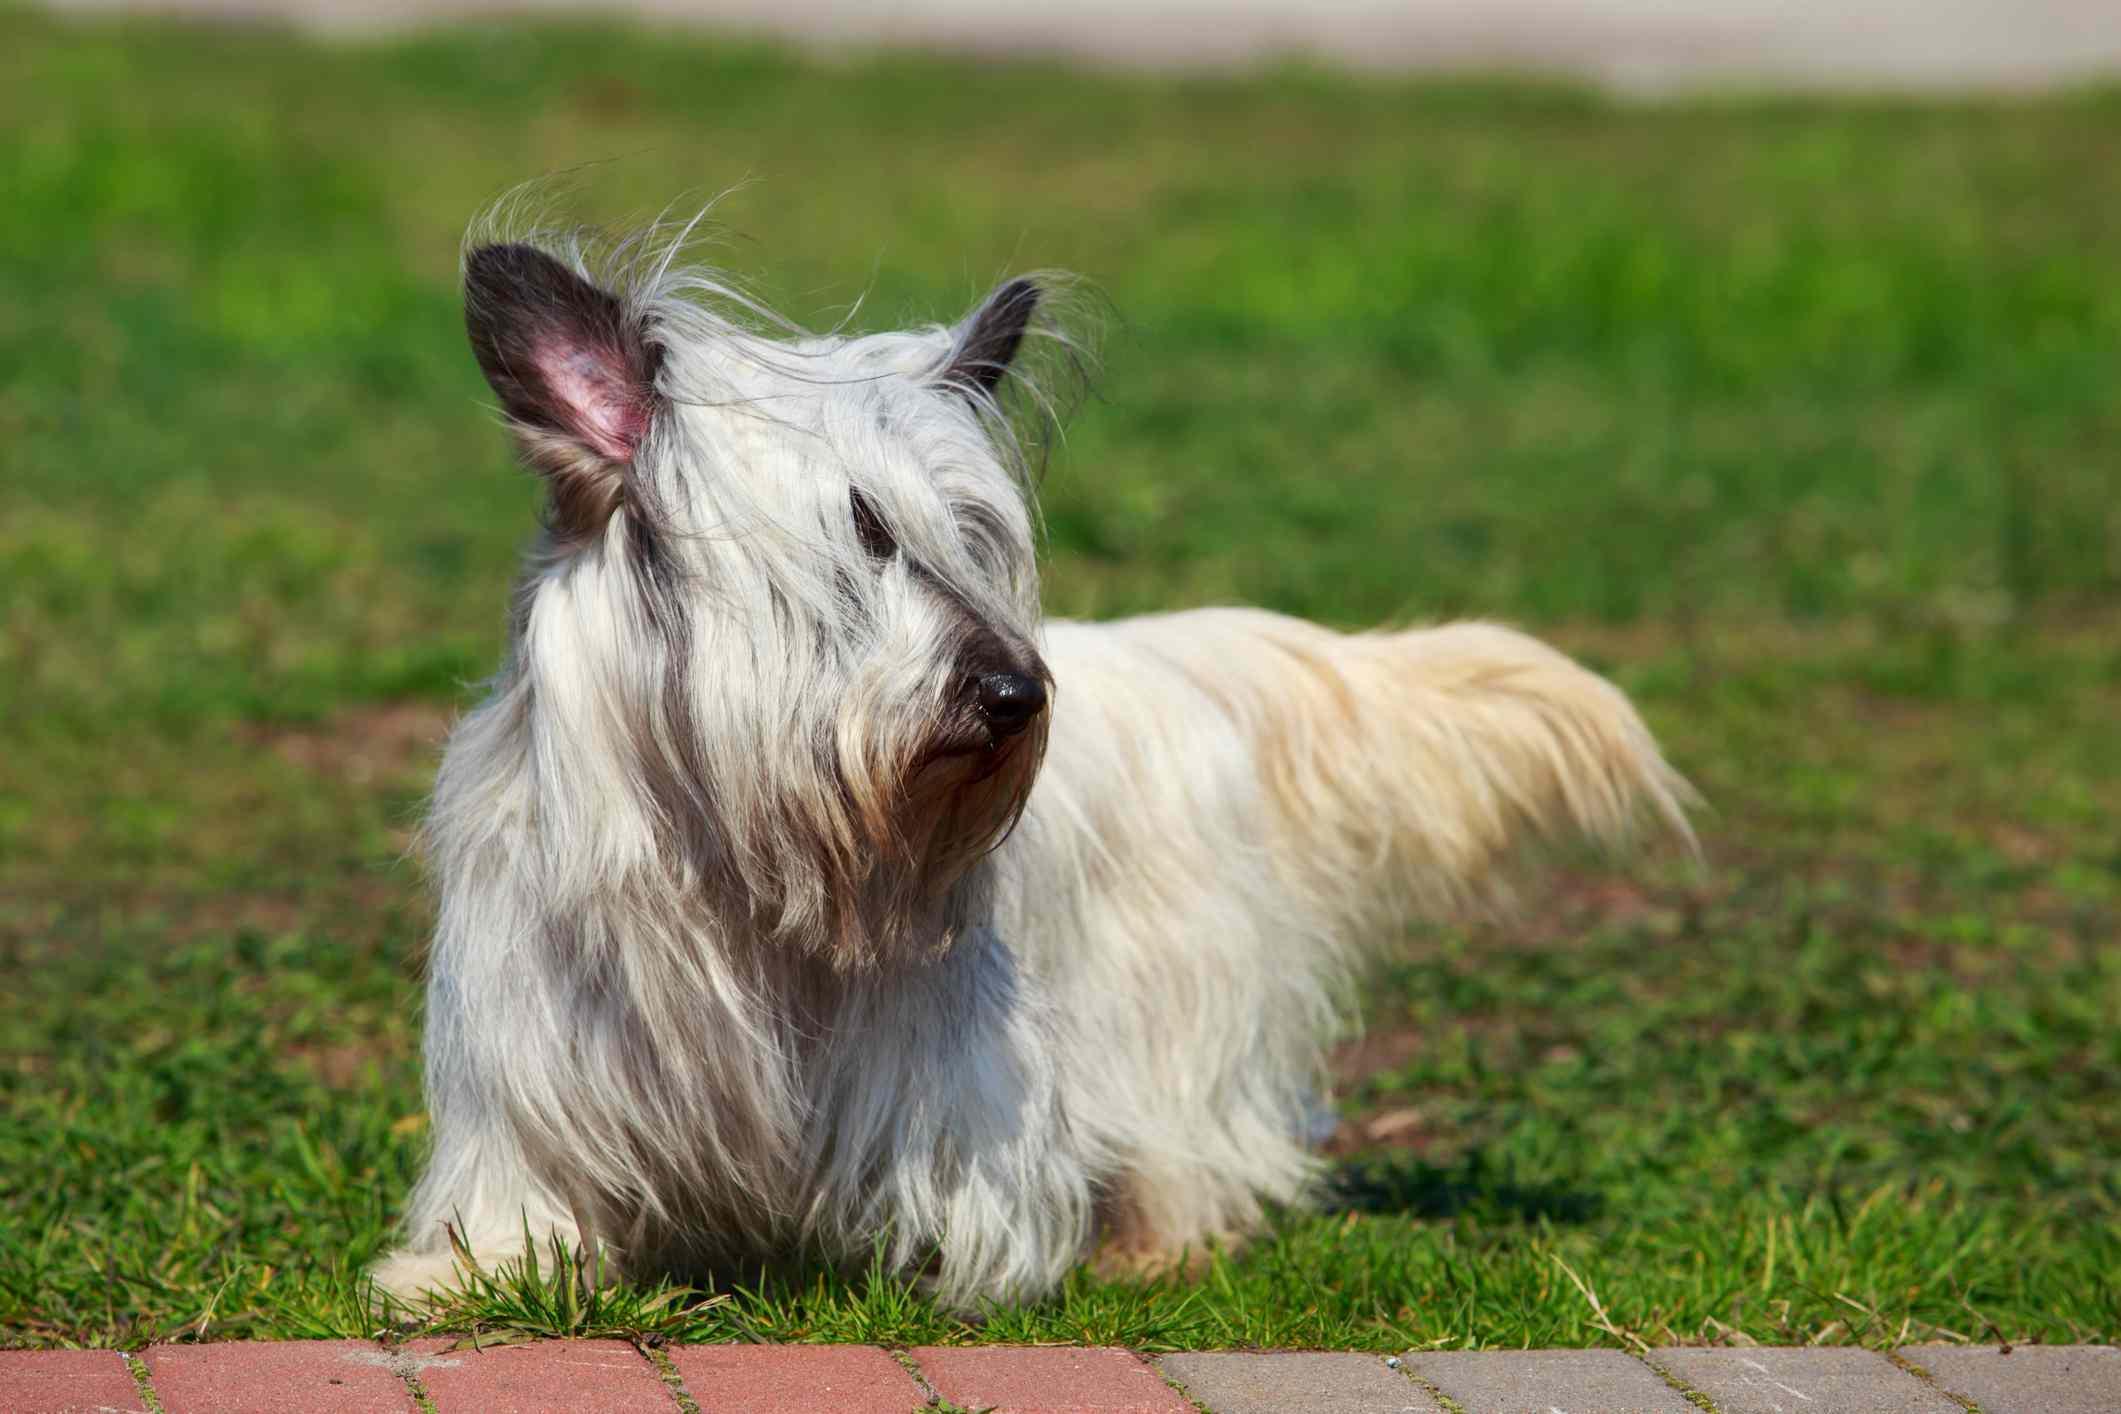 Light gray Skye Terrier outside on grass.